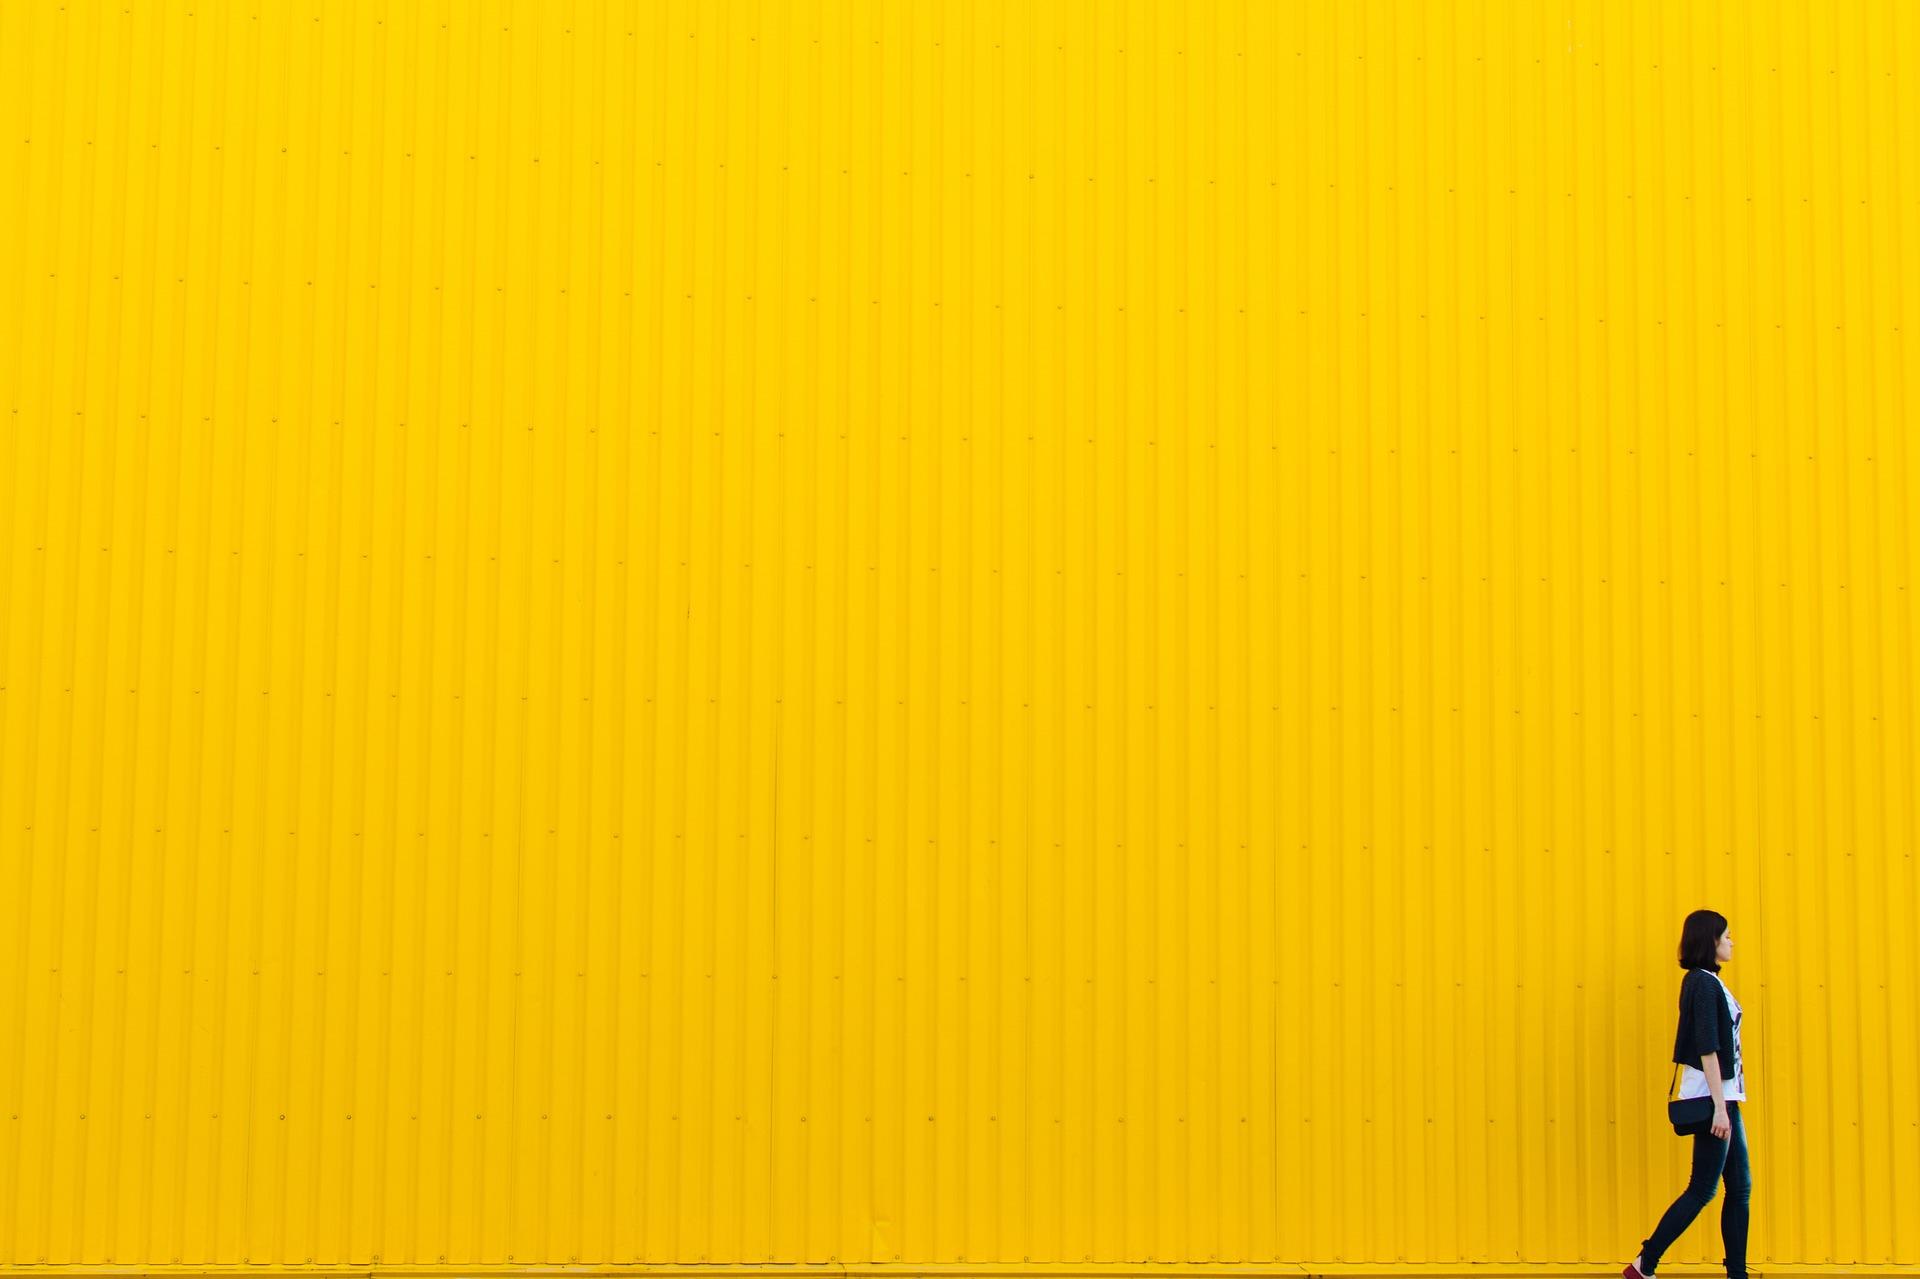 colori nella comunicazione - giallo